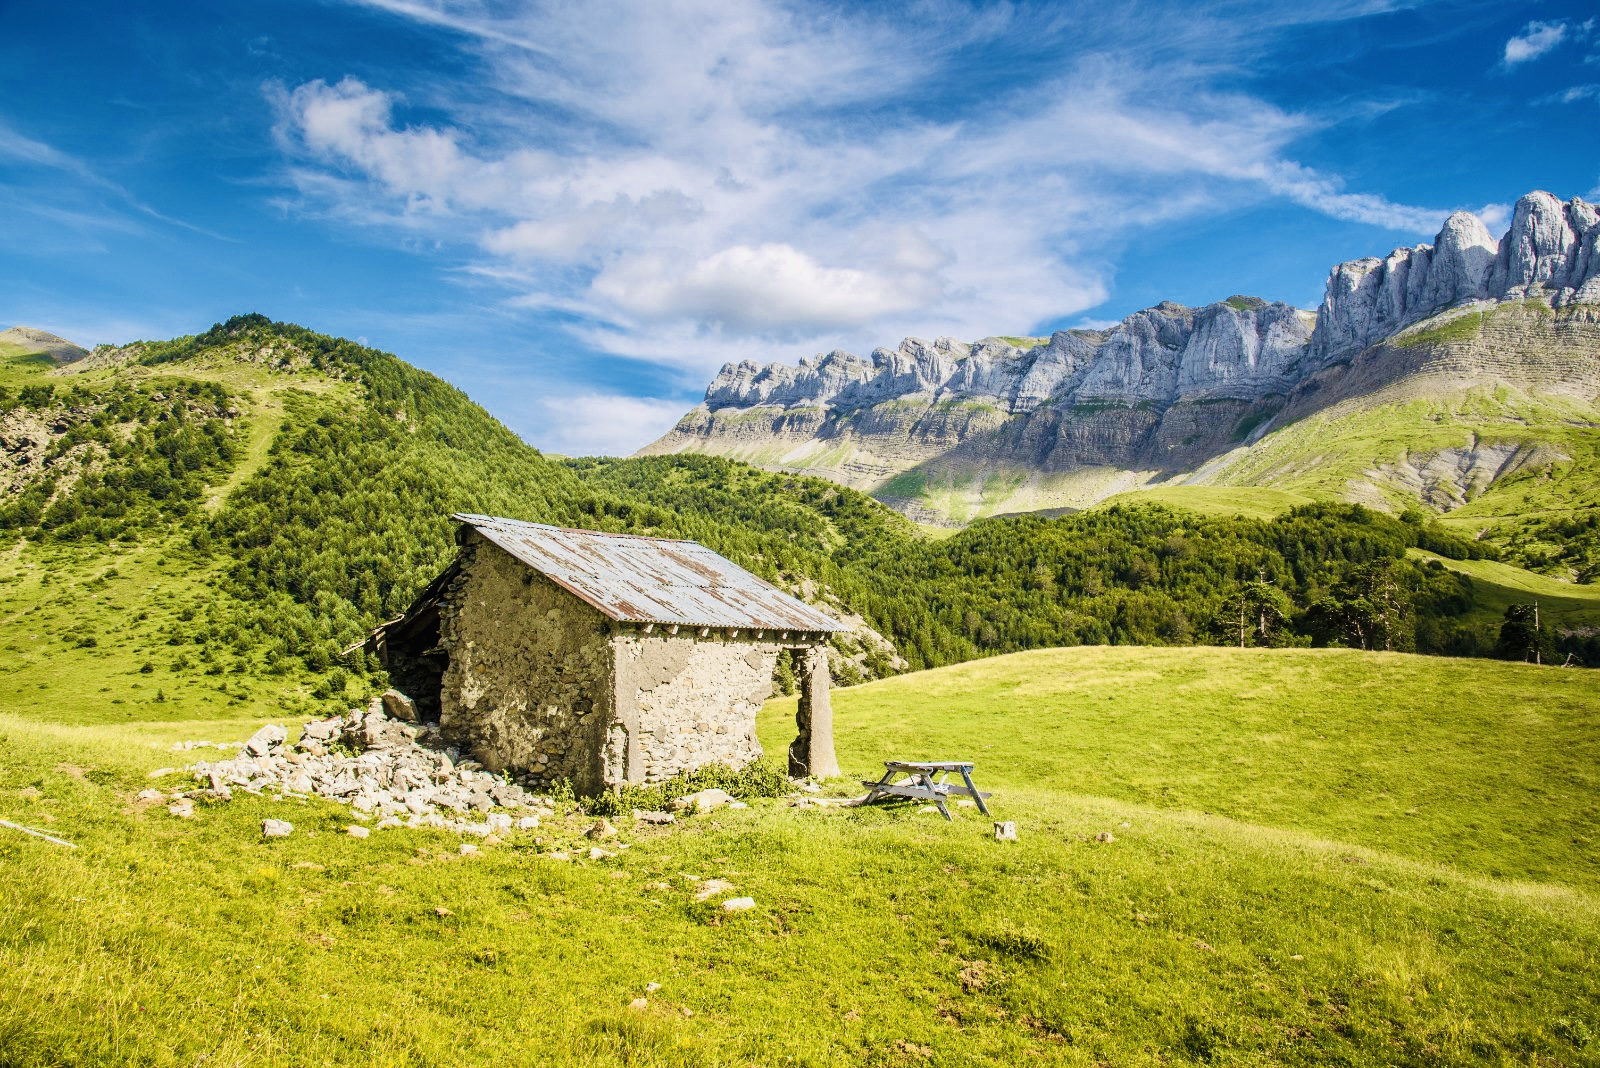 La magia del Valle de Zuriza en Verano